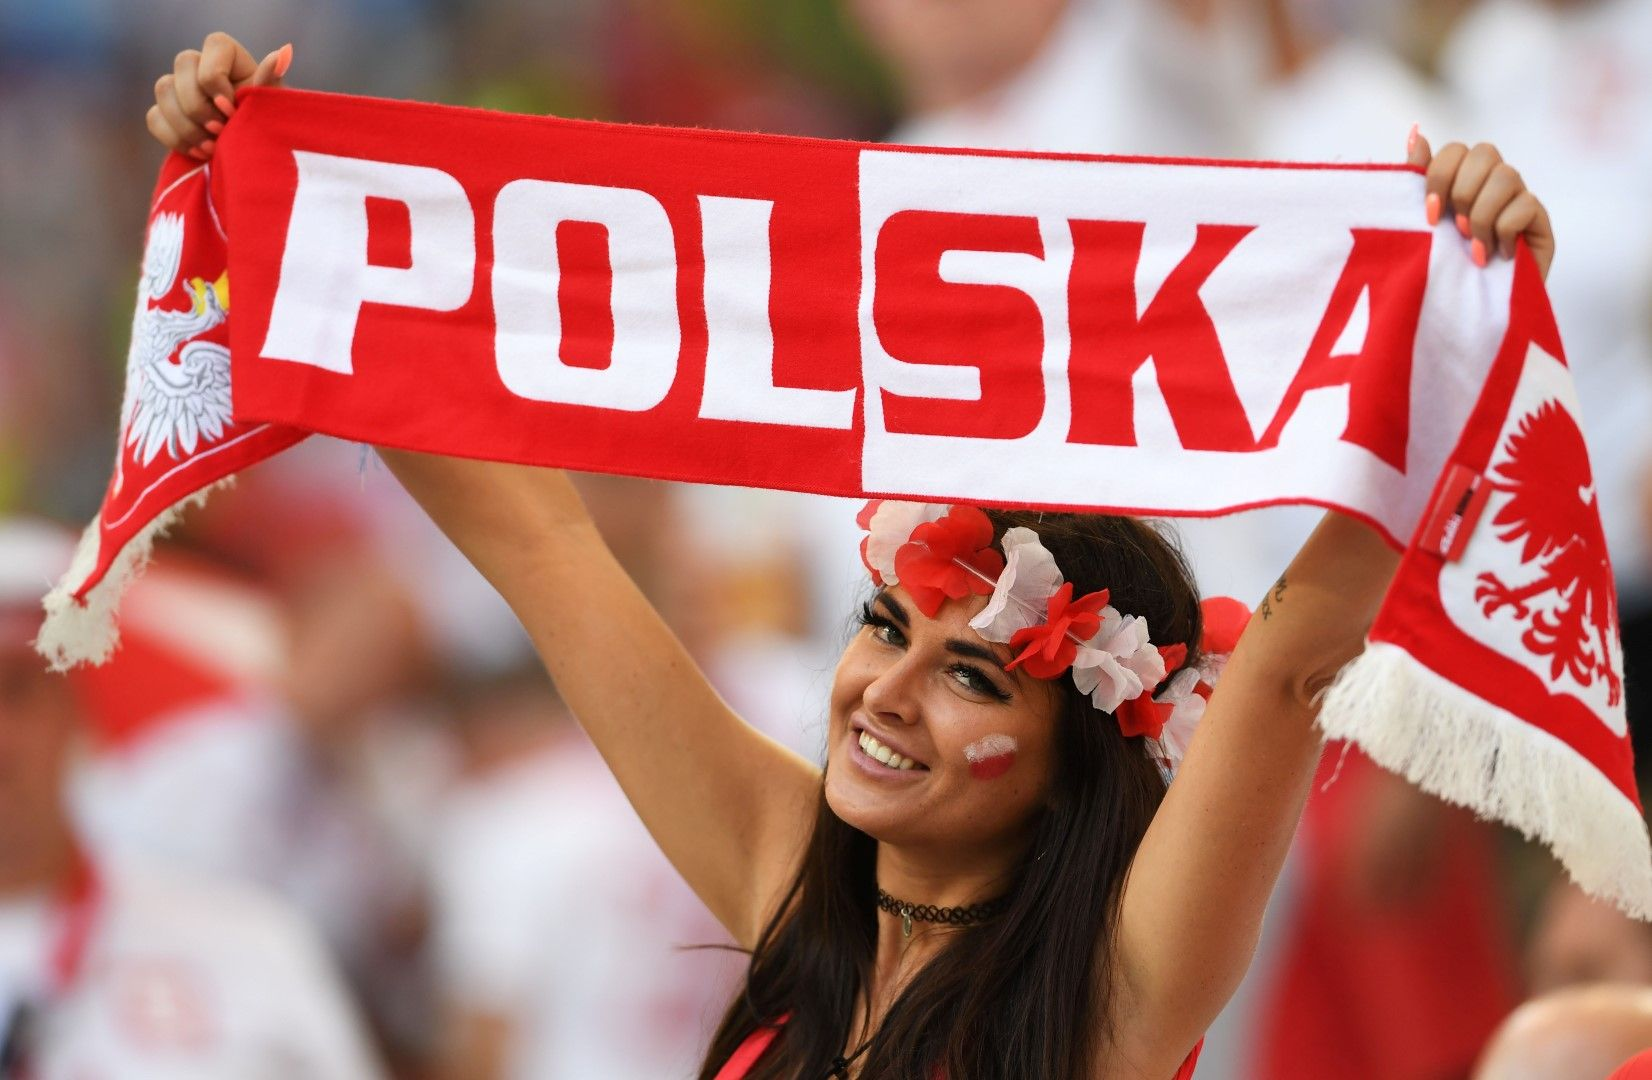 Полша може да се похвали с едни от най-красивите жени в Европа